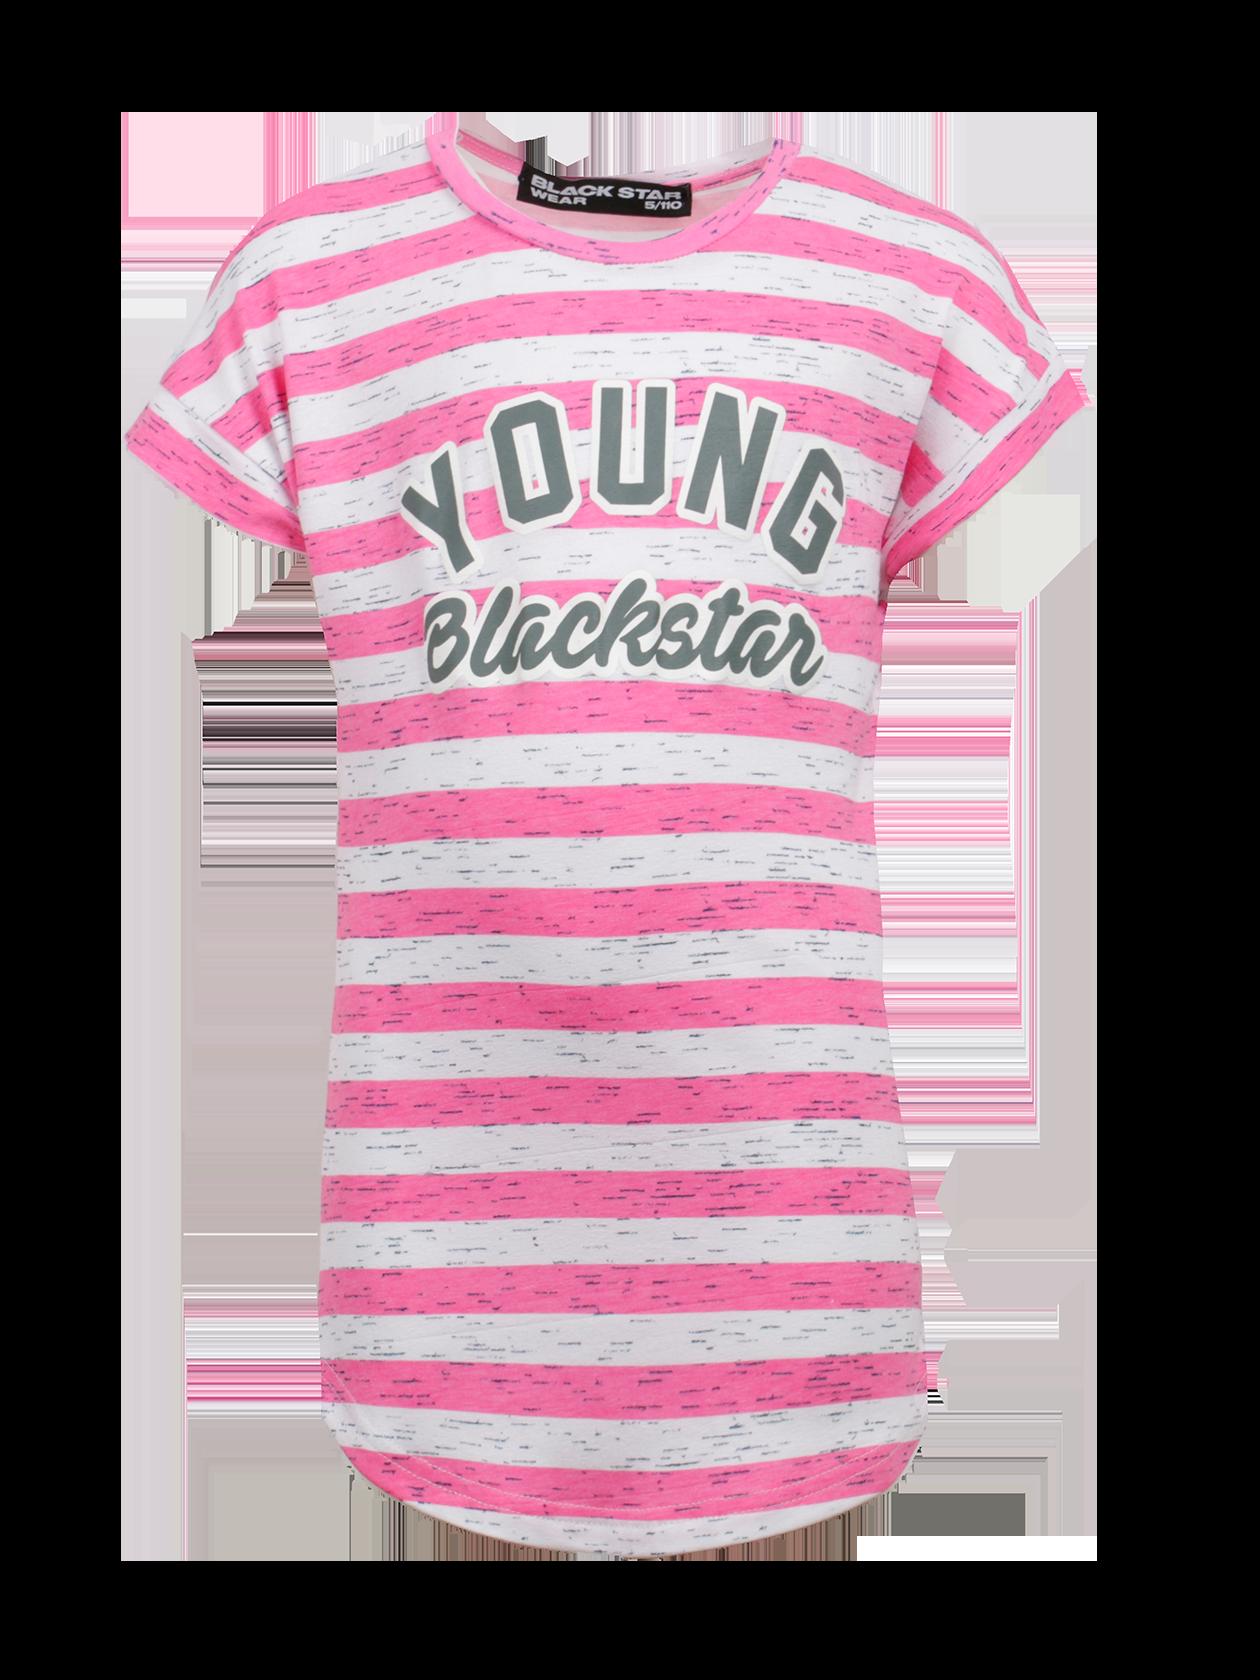 Туника детская PINK BEACH STARТуника детская Pink Beach Star – яркий тренд летнего сезона. Модель свободного кроя с коротким цельнокроеным рукавом и длиной до середины бедра. Модная расцветка в серо-розовую полоску выделит ребенка среди сверстников. Круглая горловина с обтачкой из основного материала и жаккардовым лейблом Black Star Wear внутри. Край низа слегка закруглен. На груди крупная надпись Young Black Star. Туника изготовлена из высококачественного натурального хлопка, обеспечивающего комфорт во время движения. Может использоваться в качестве самостоятельной вещи или в комплекте с леггинсами.<br><br>Размер: 11-12 years<br>Цвет: Розовый/Белый<br>Пол: Унисекс